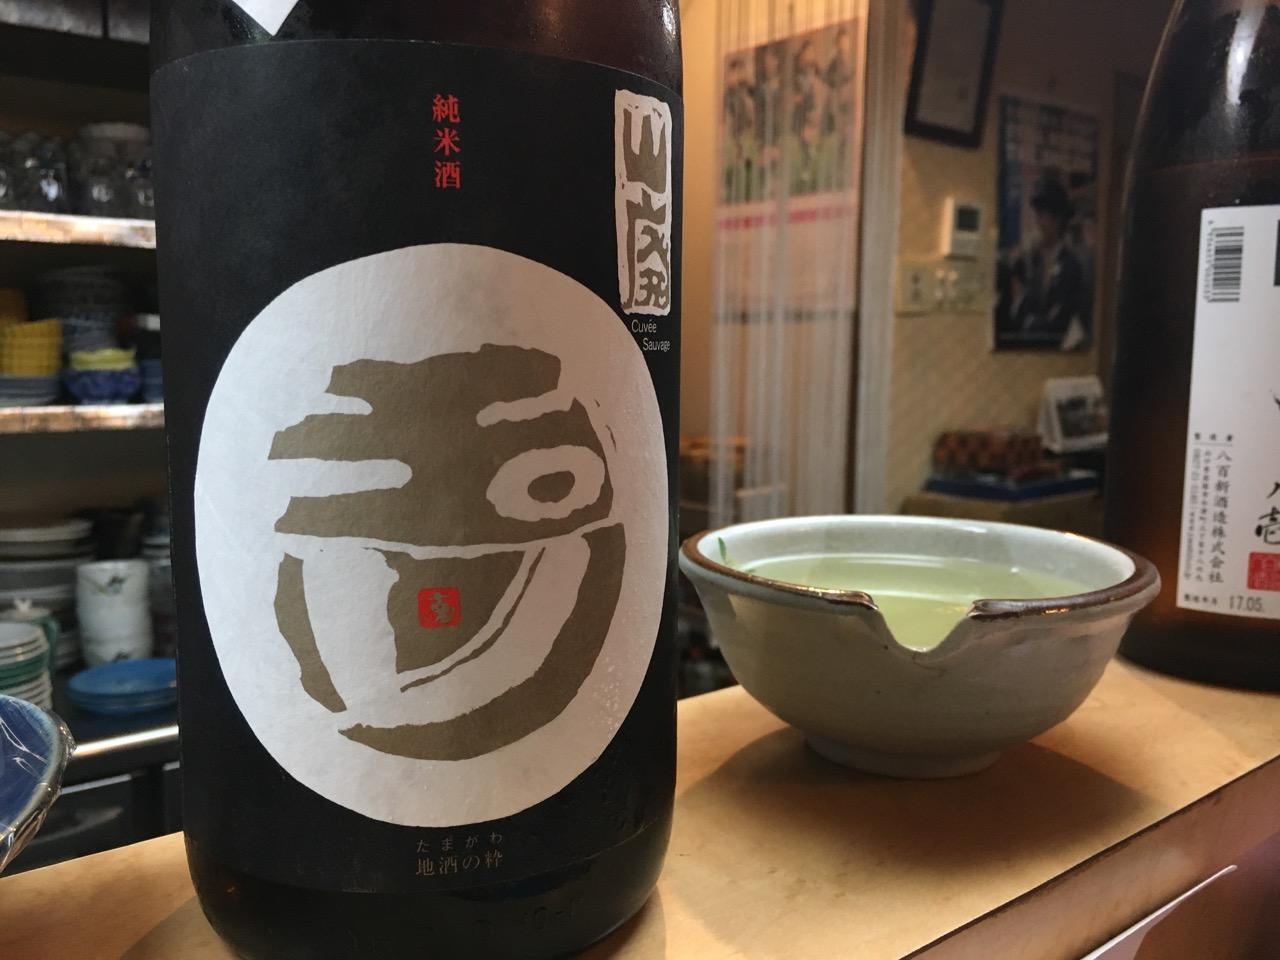 玉川 自然仕込み 純米酒 山廃 白ラベル 無濾過生原酒 28BY|日本酒テイスティングノート